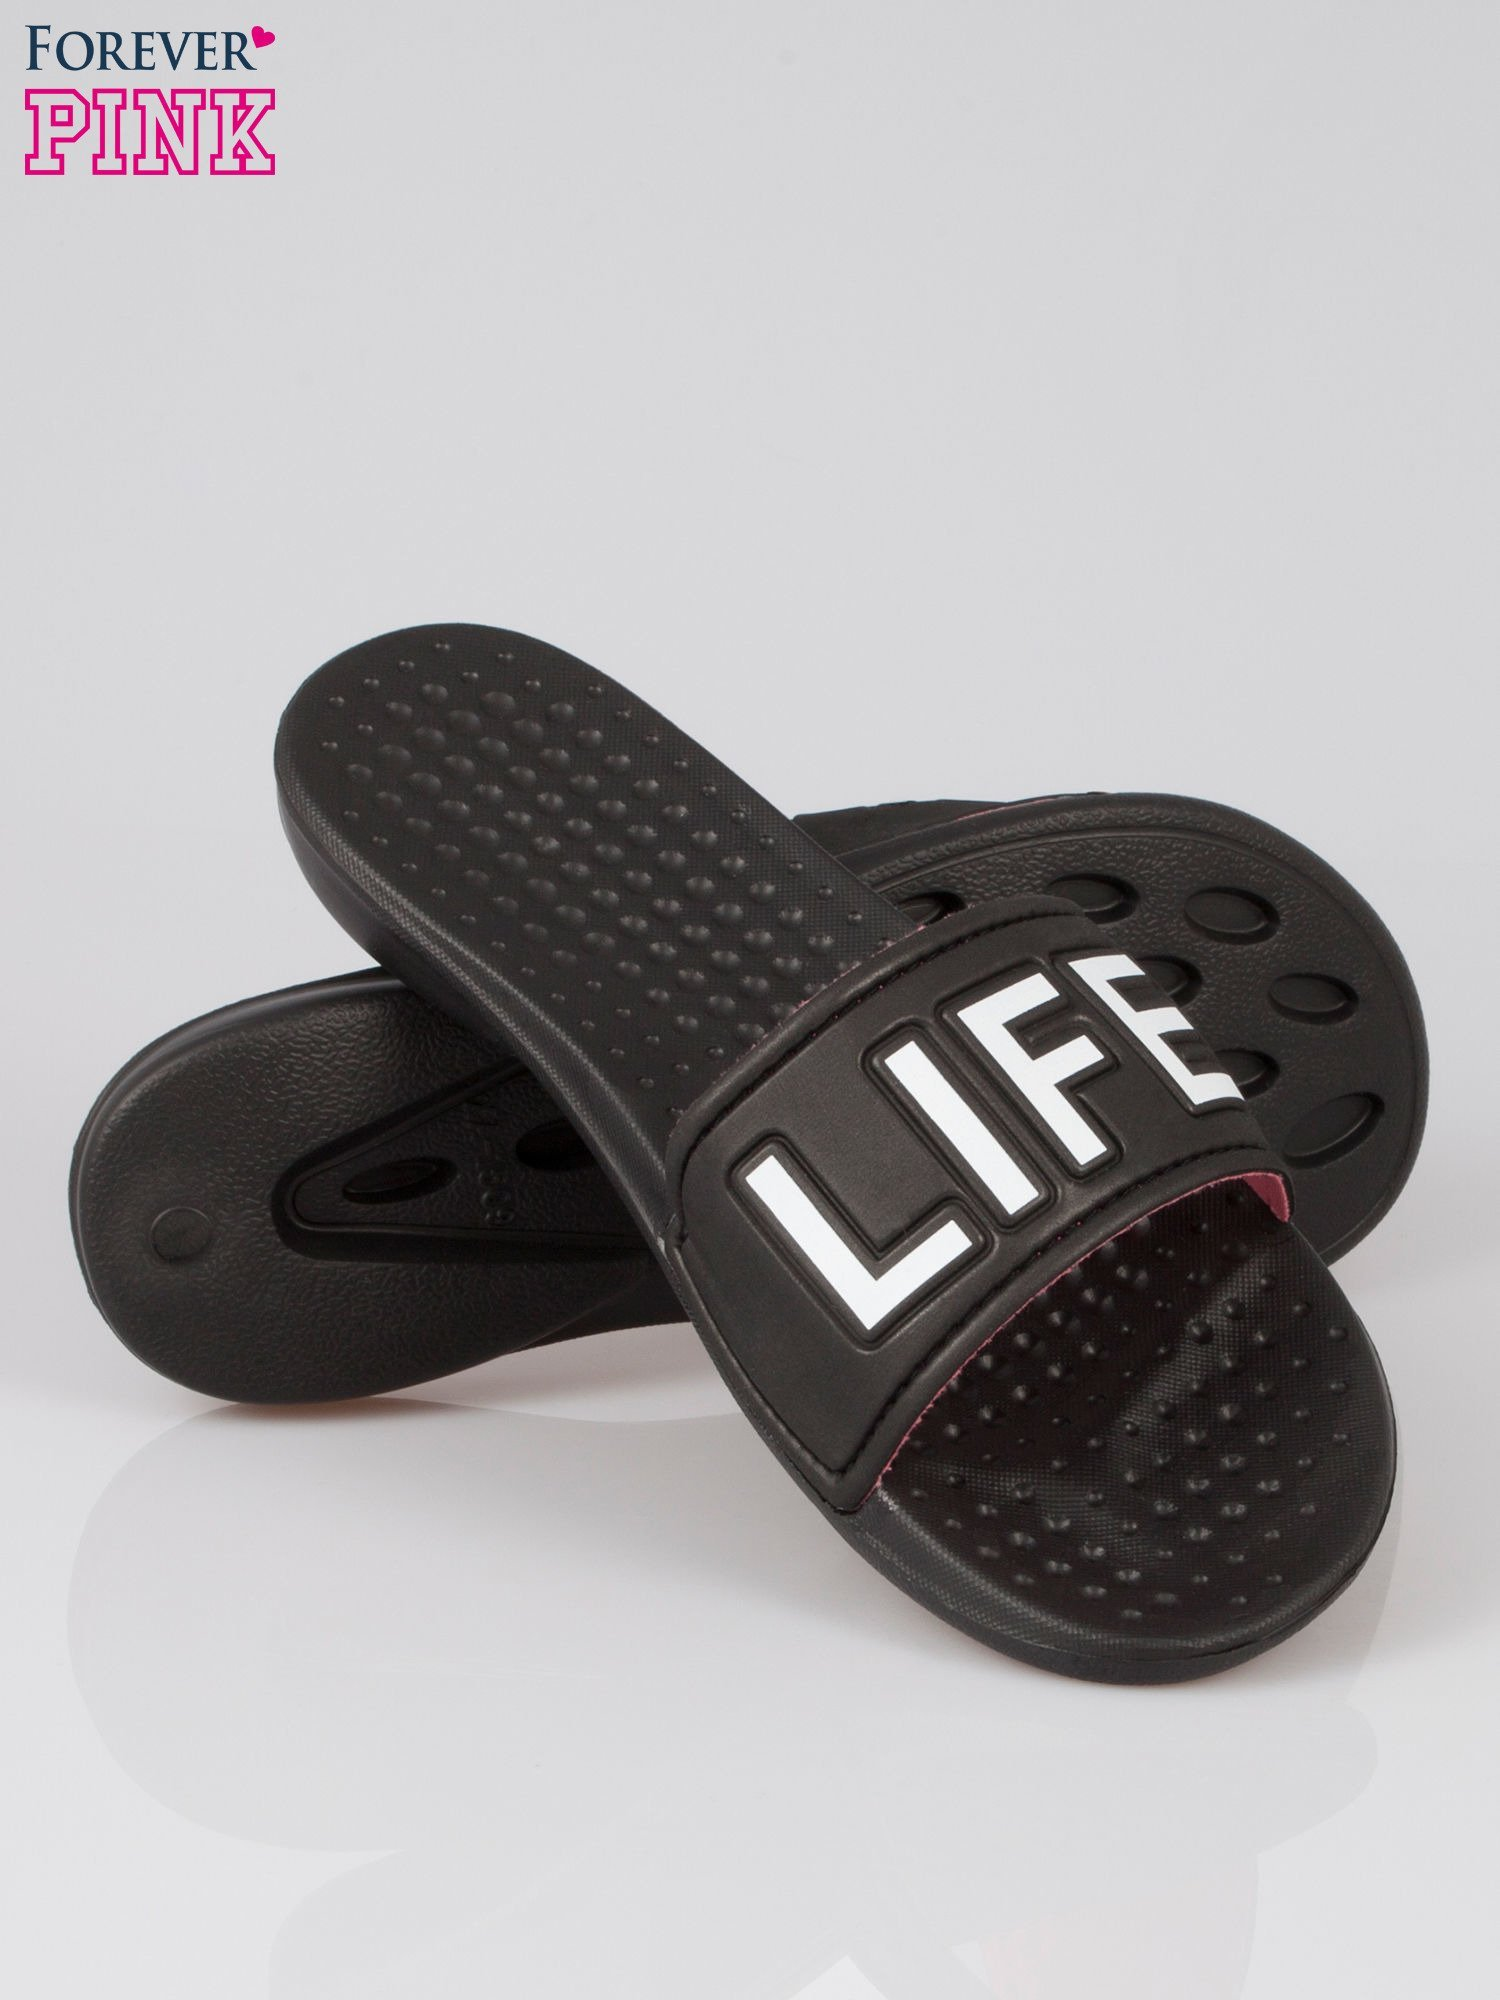 Czarne klapki hipster z hasztagiem #FUN LIFE                                  zdj.                                  4